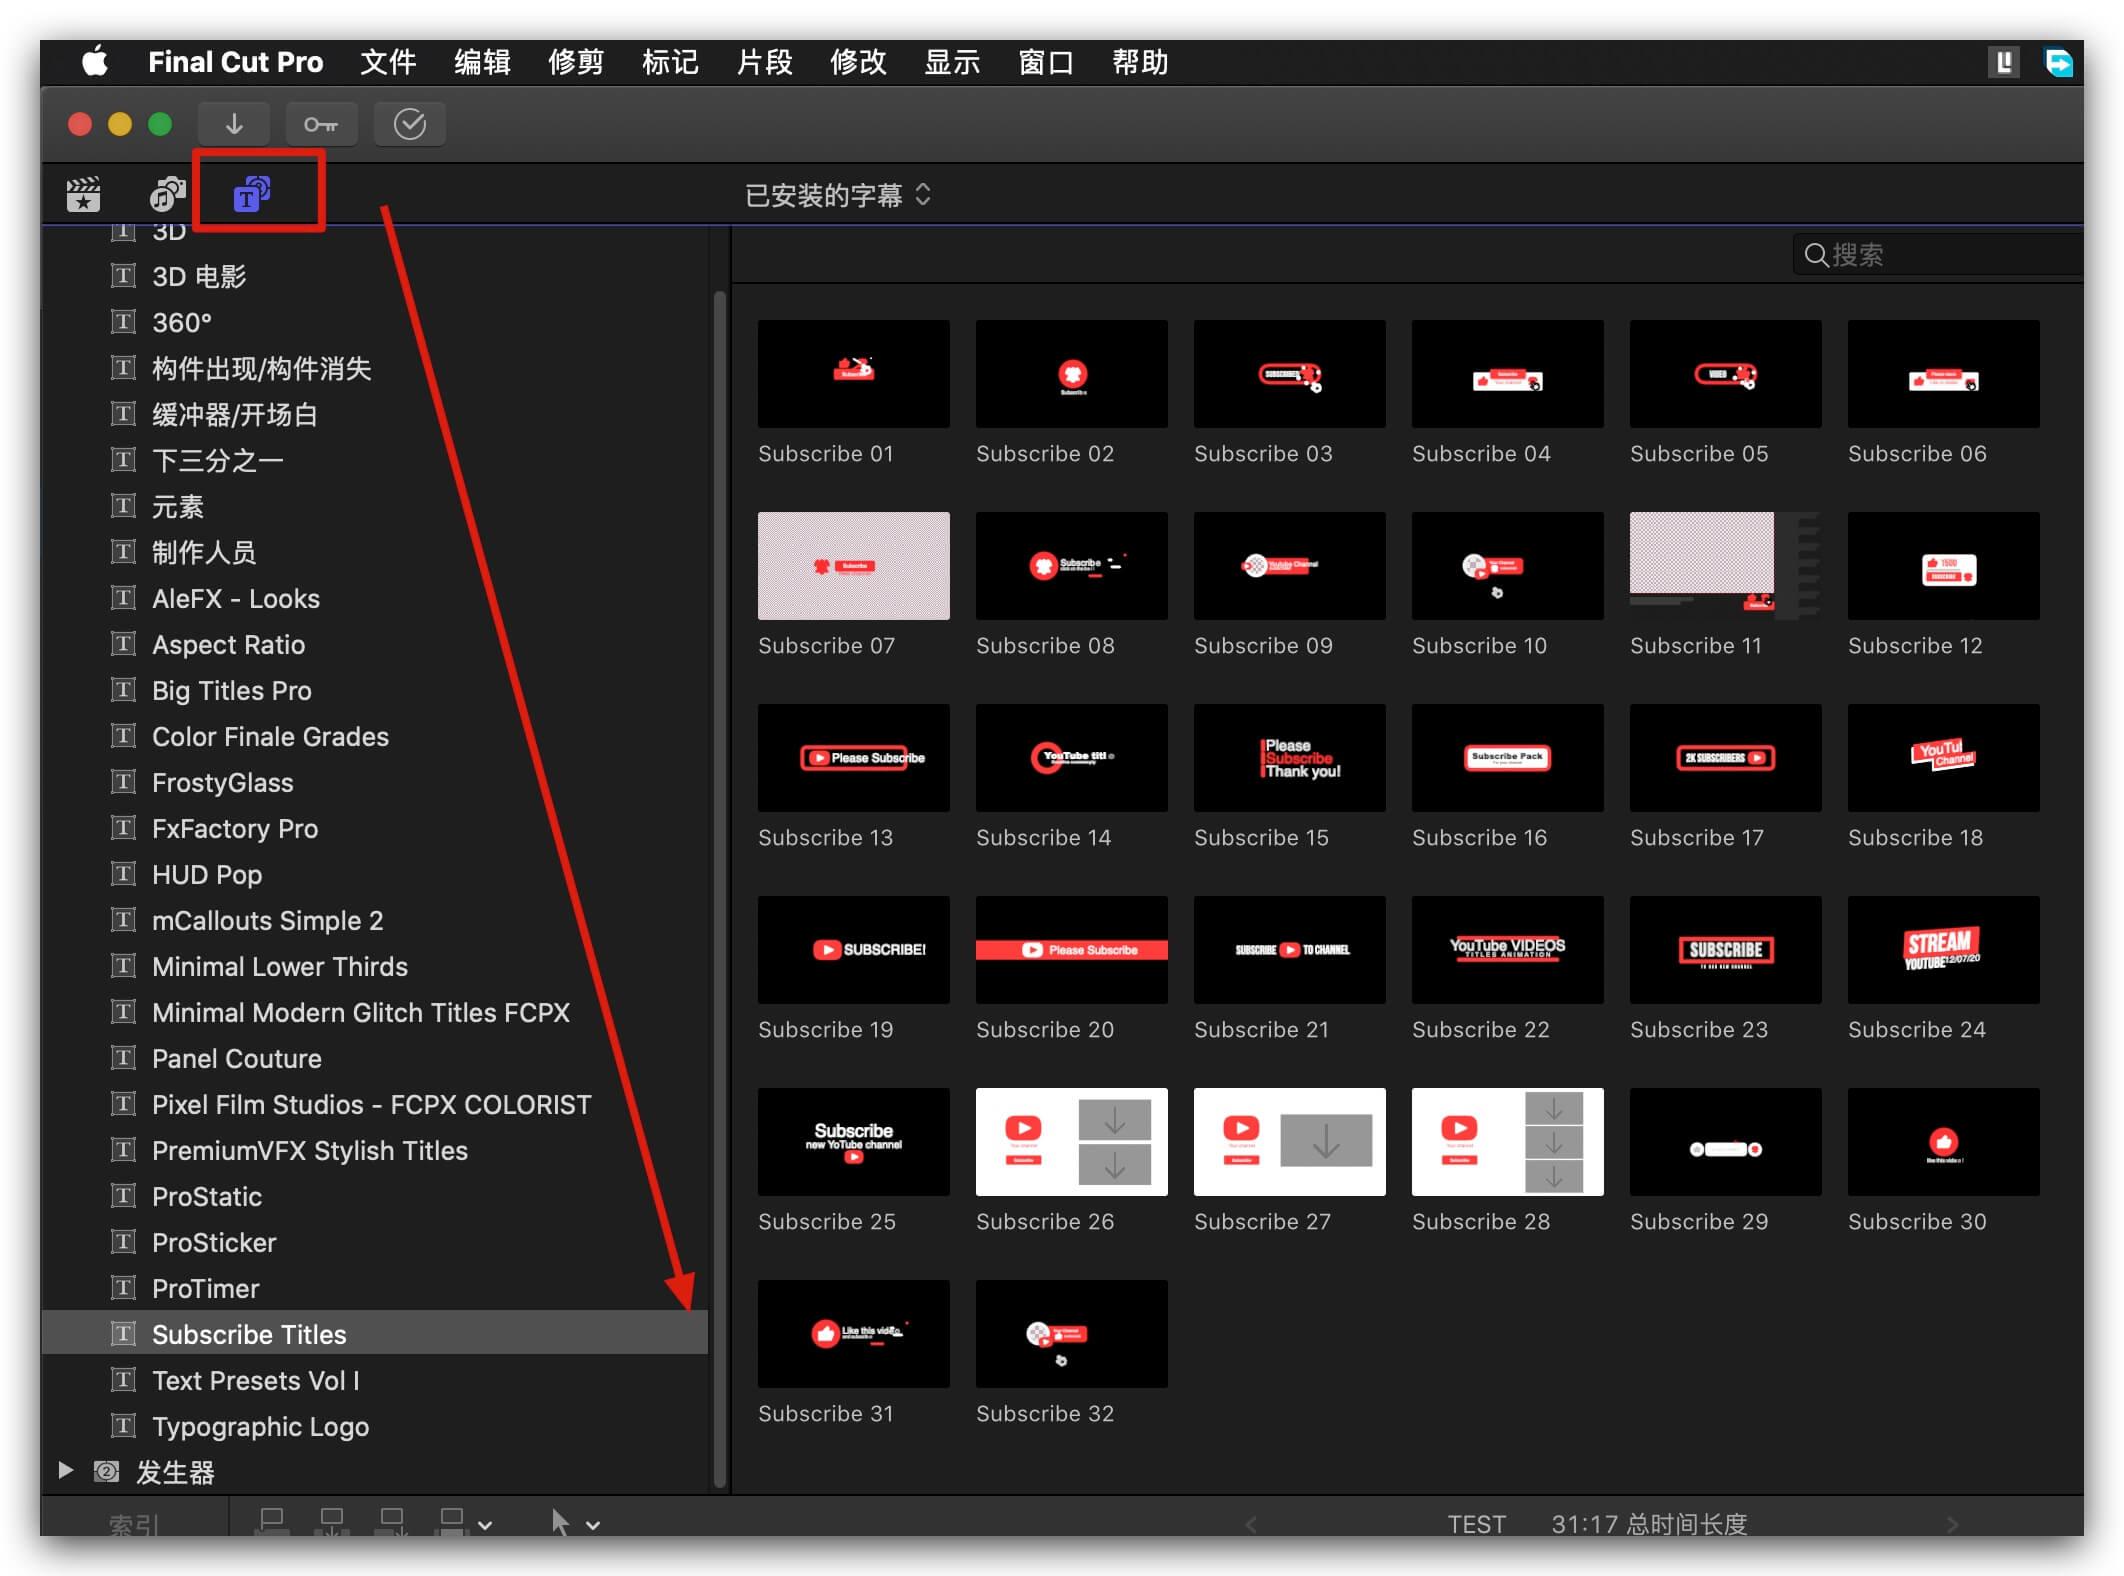 fcpx标题插件 32组短视频UP博主订阅点赞下节预告频道推广模板 Subscribe Titles